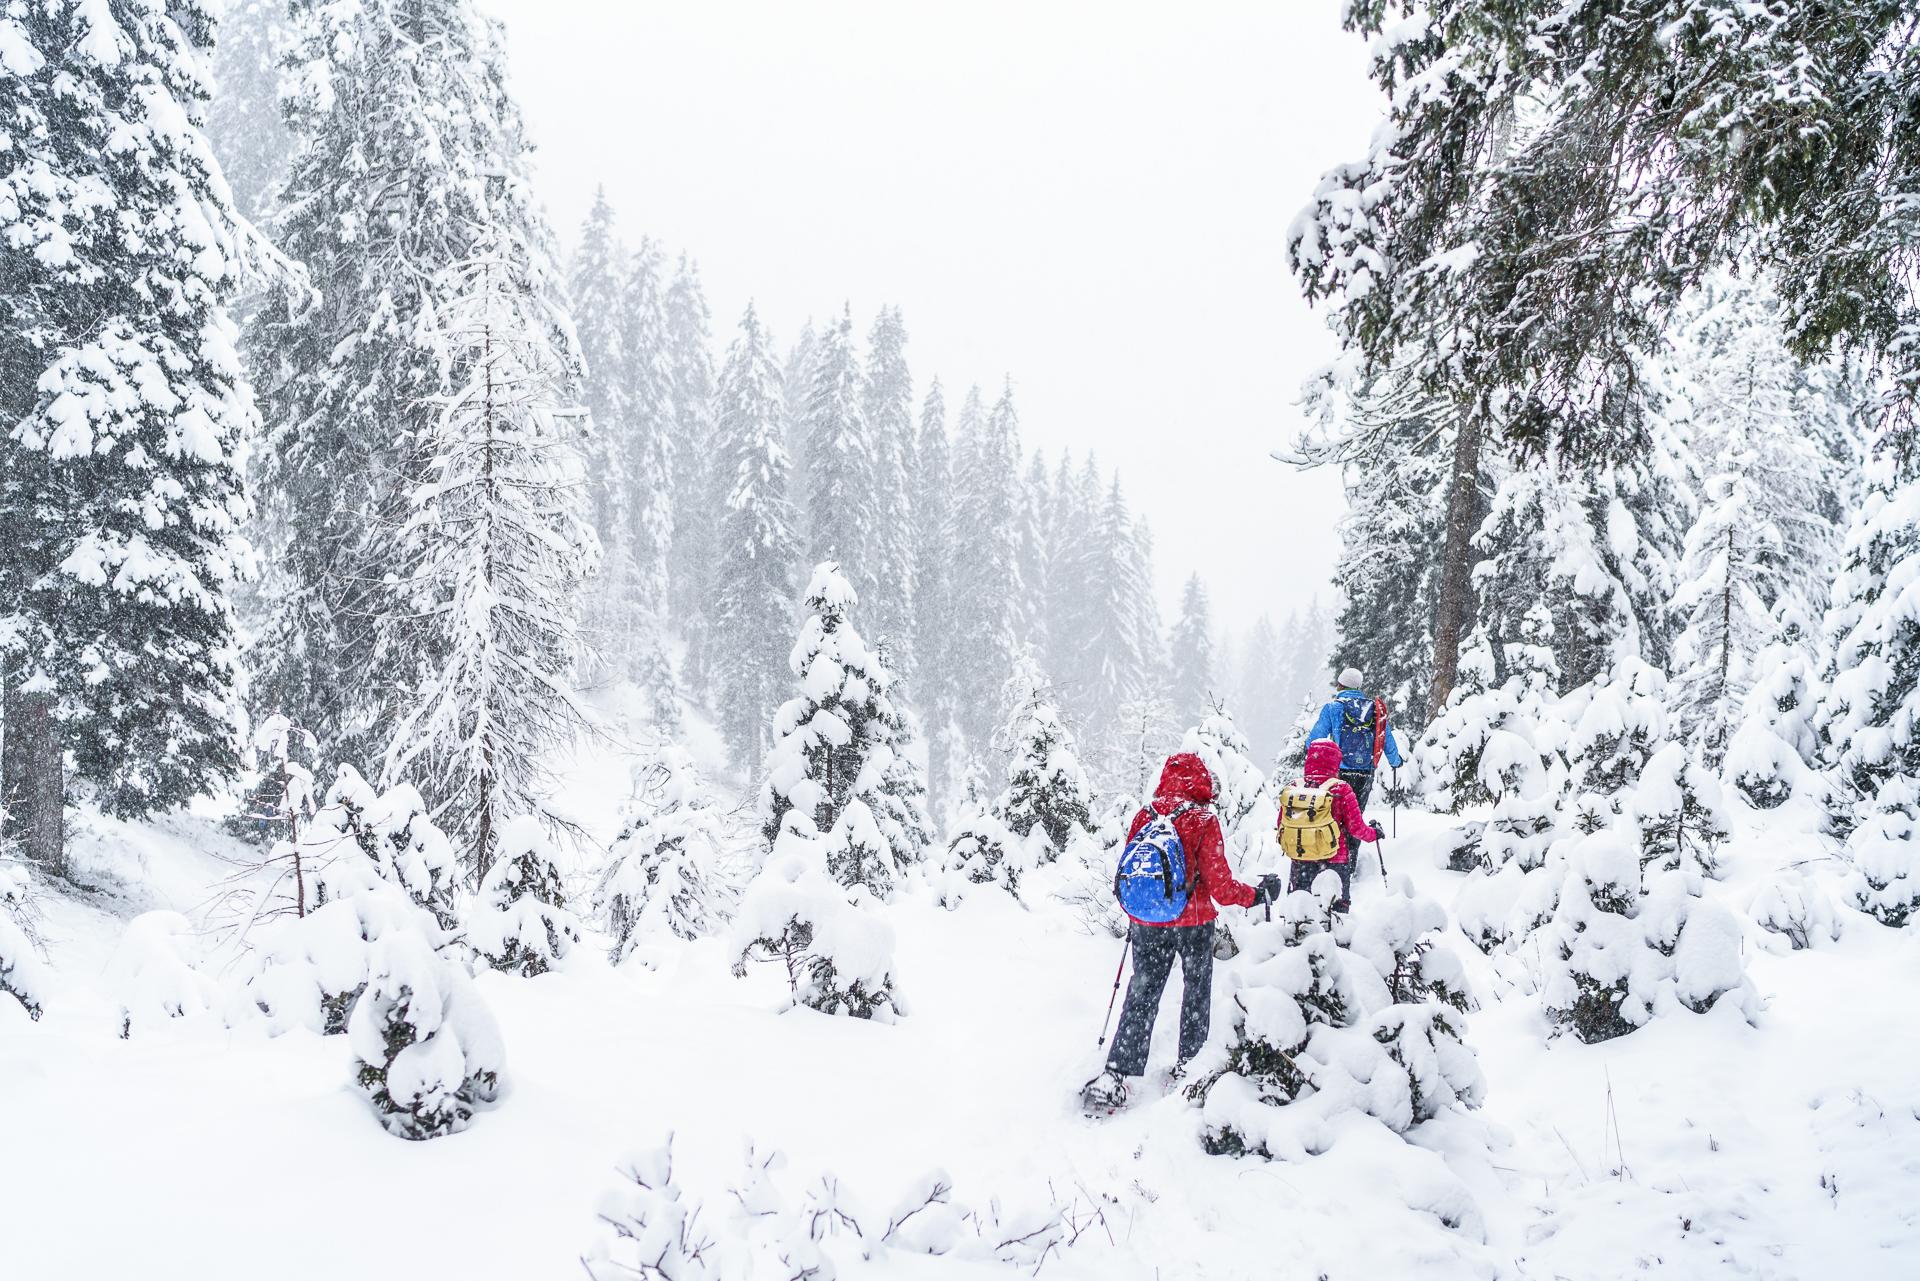 Trentino Winter Schneeschuhlaufen